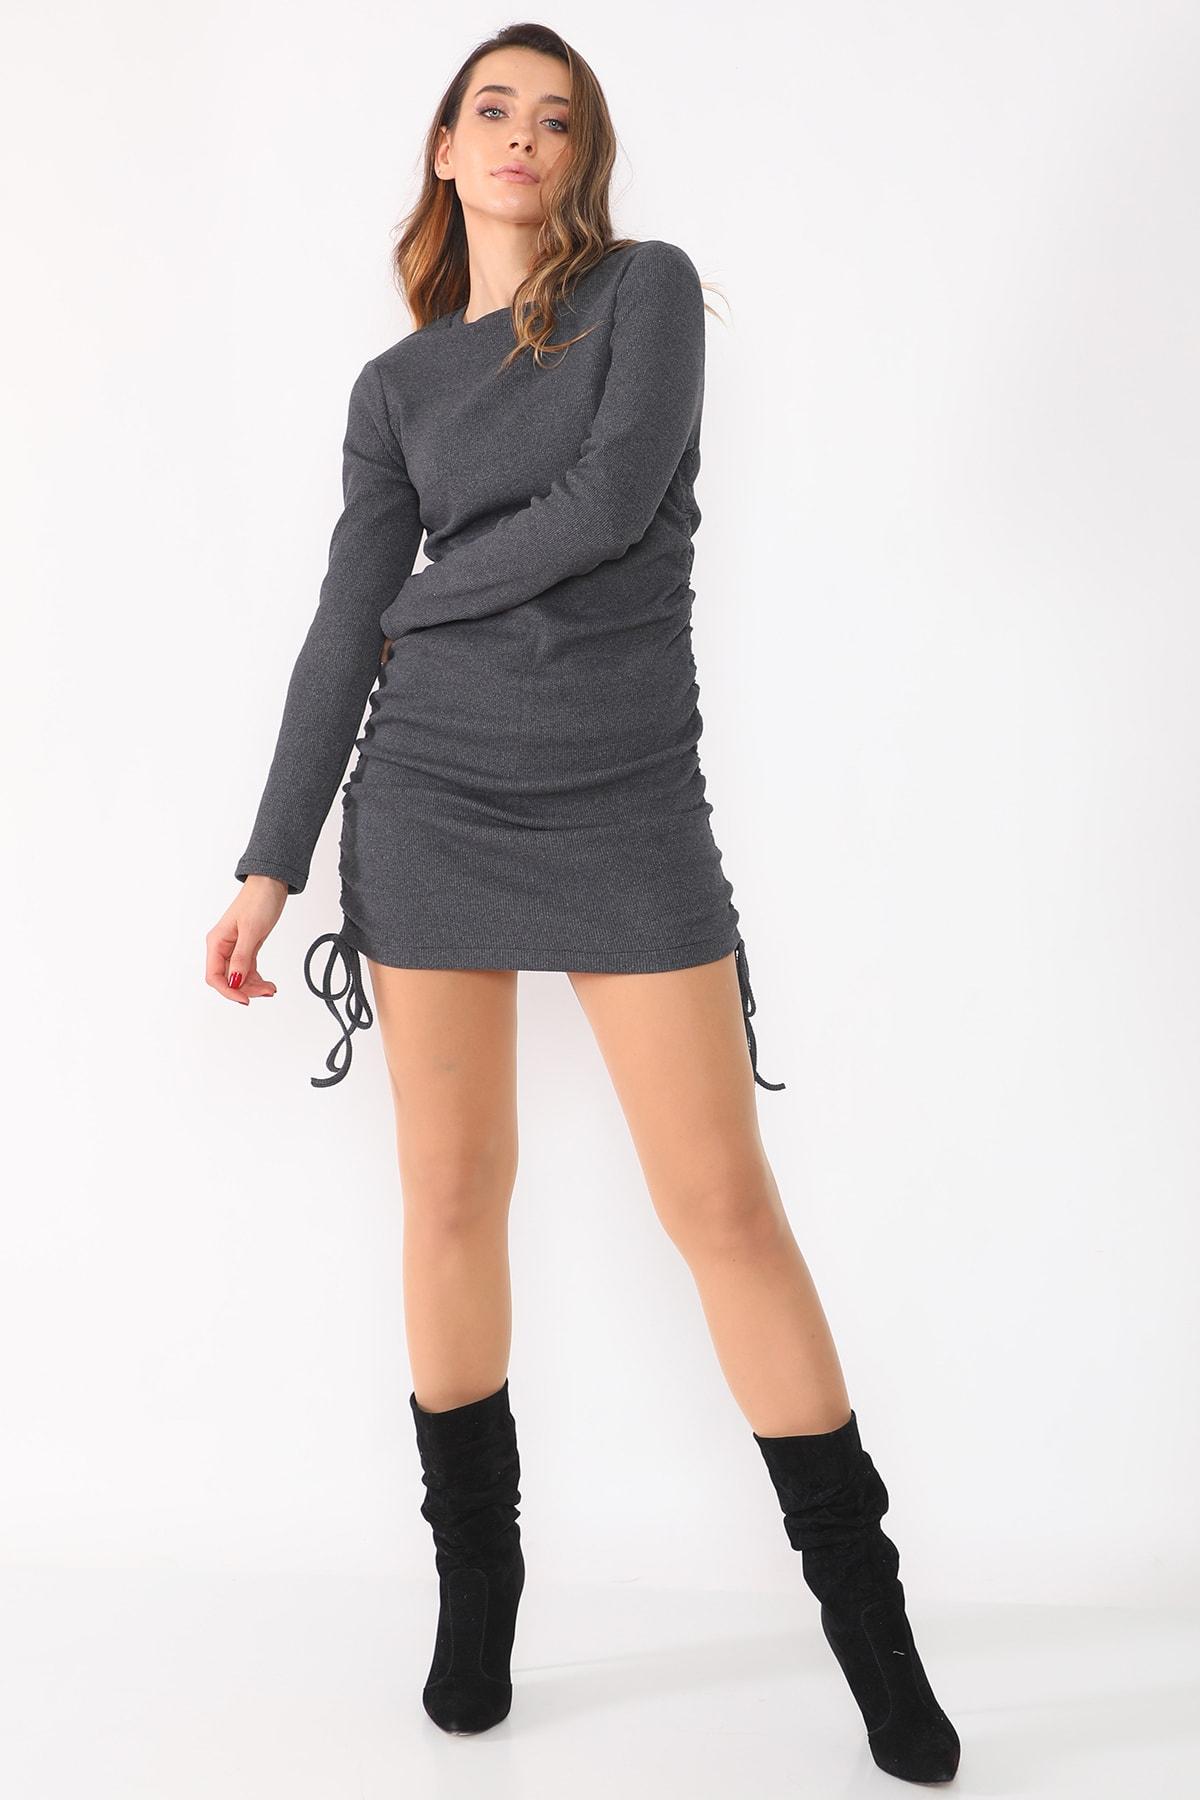 etselements Kadın Gri Yanları Büzgülü Kaşkorse Elbise 1